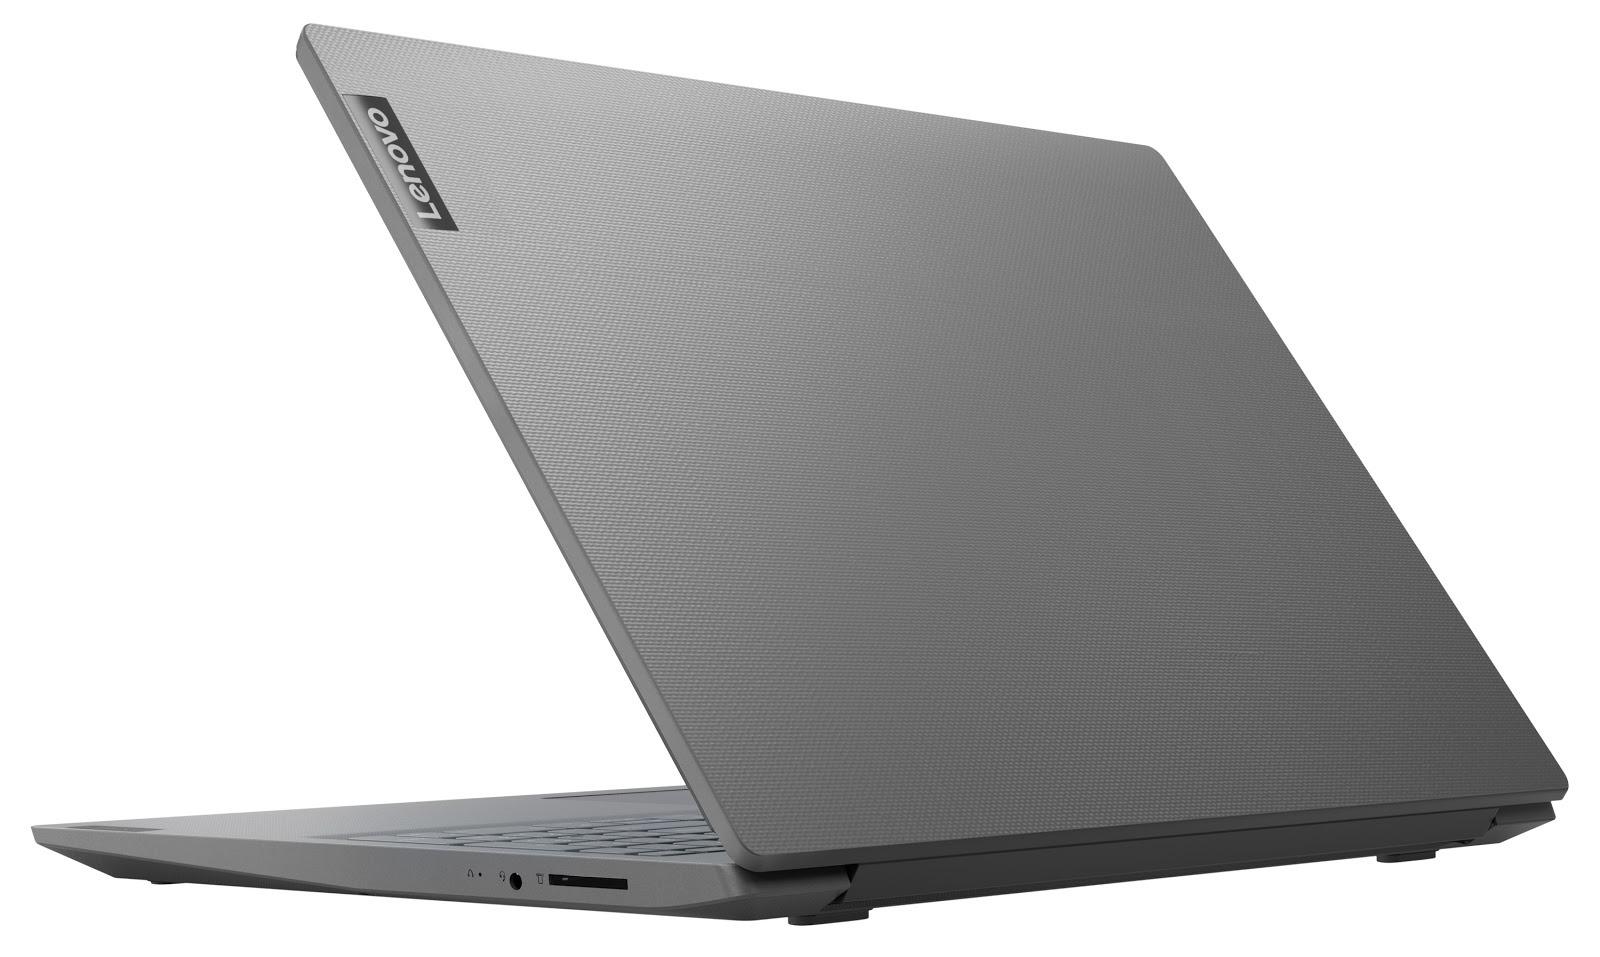 Фото 1. Ноутбук Lenovo V15-IWL (81YE002LRU)